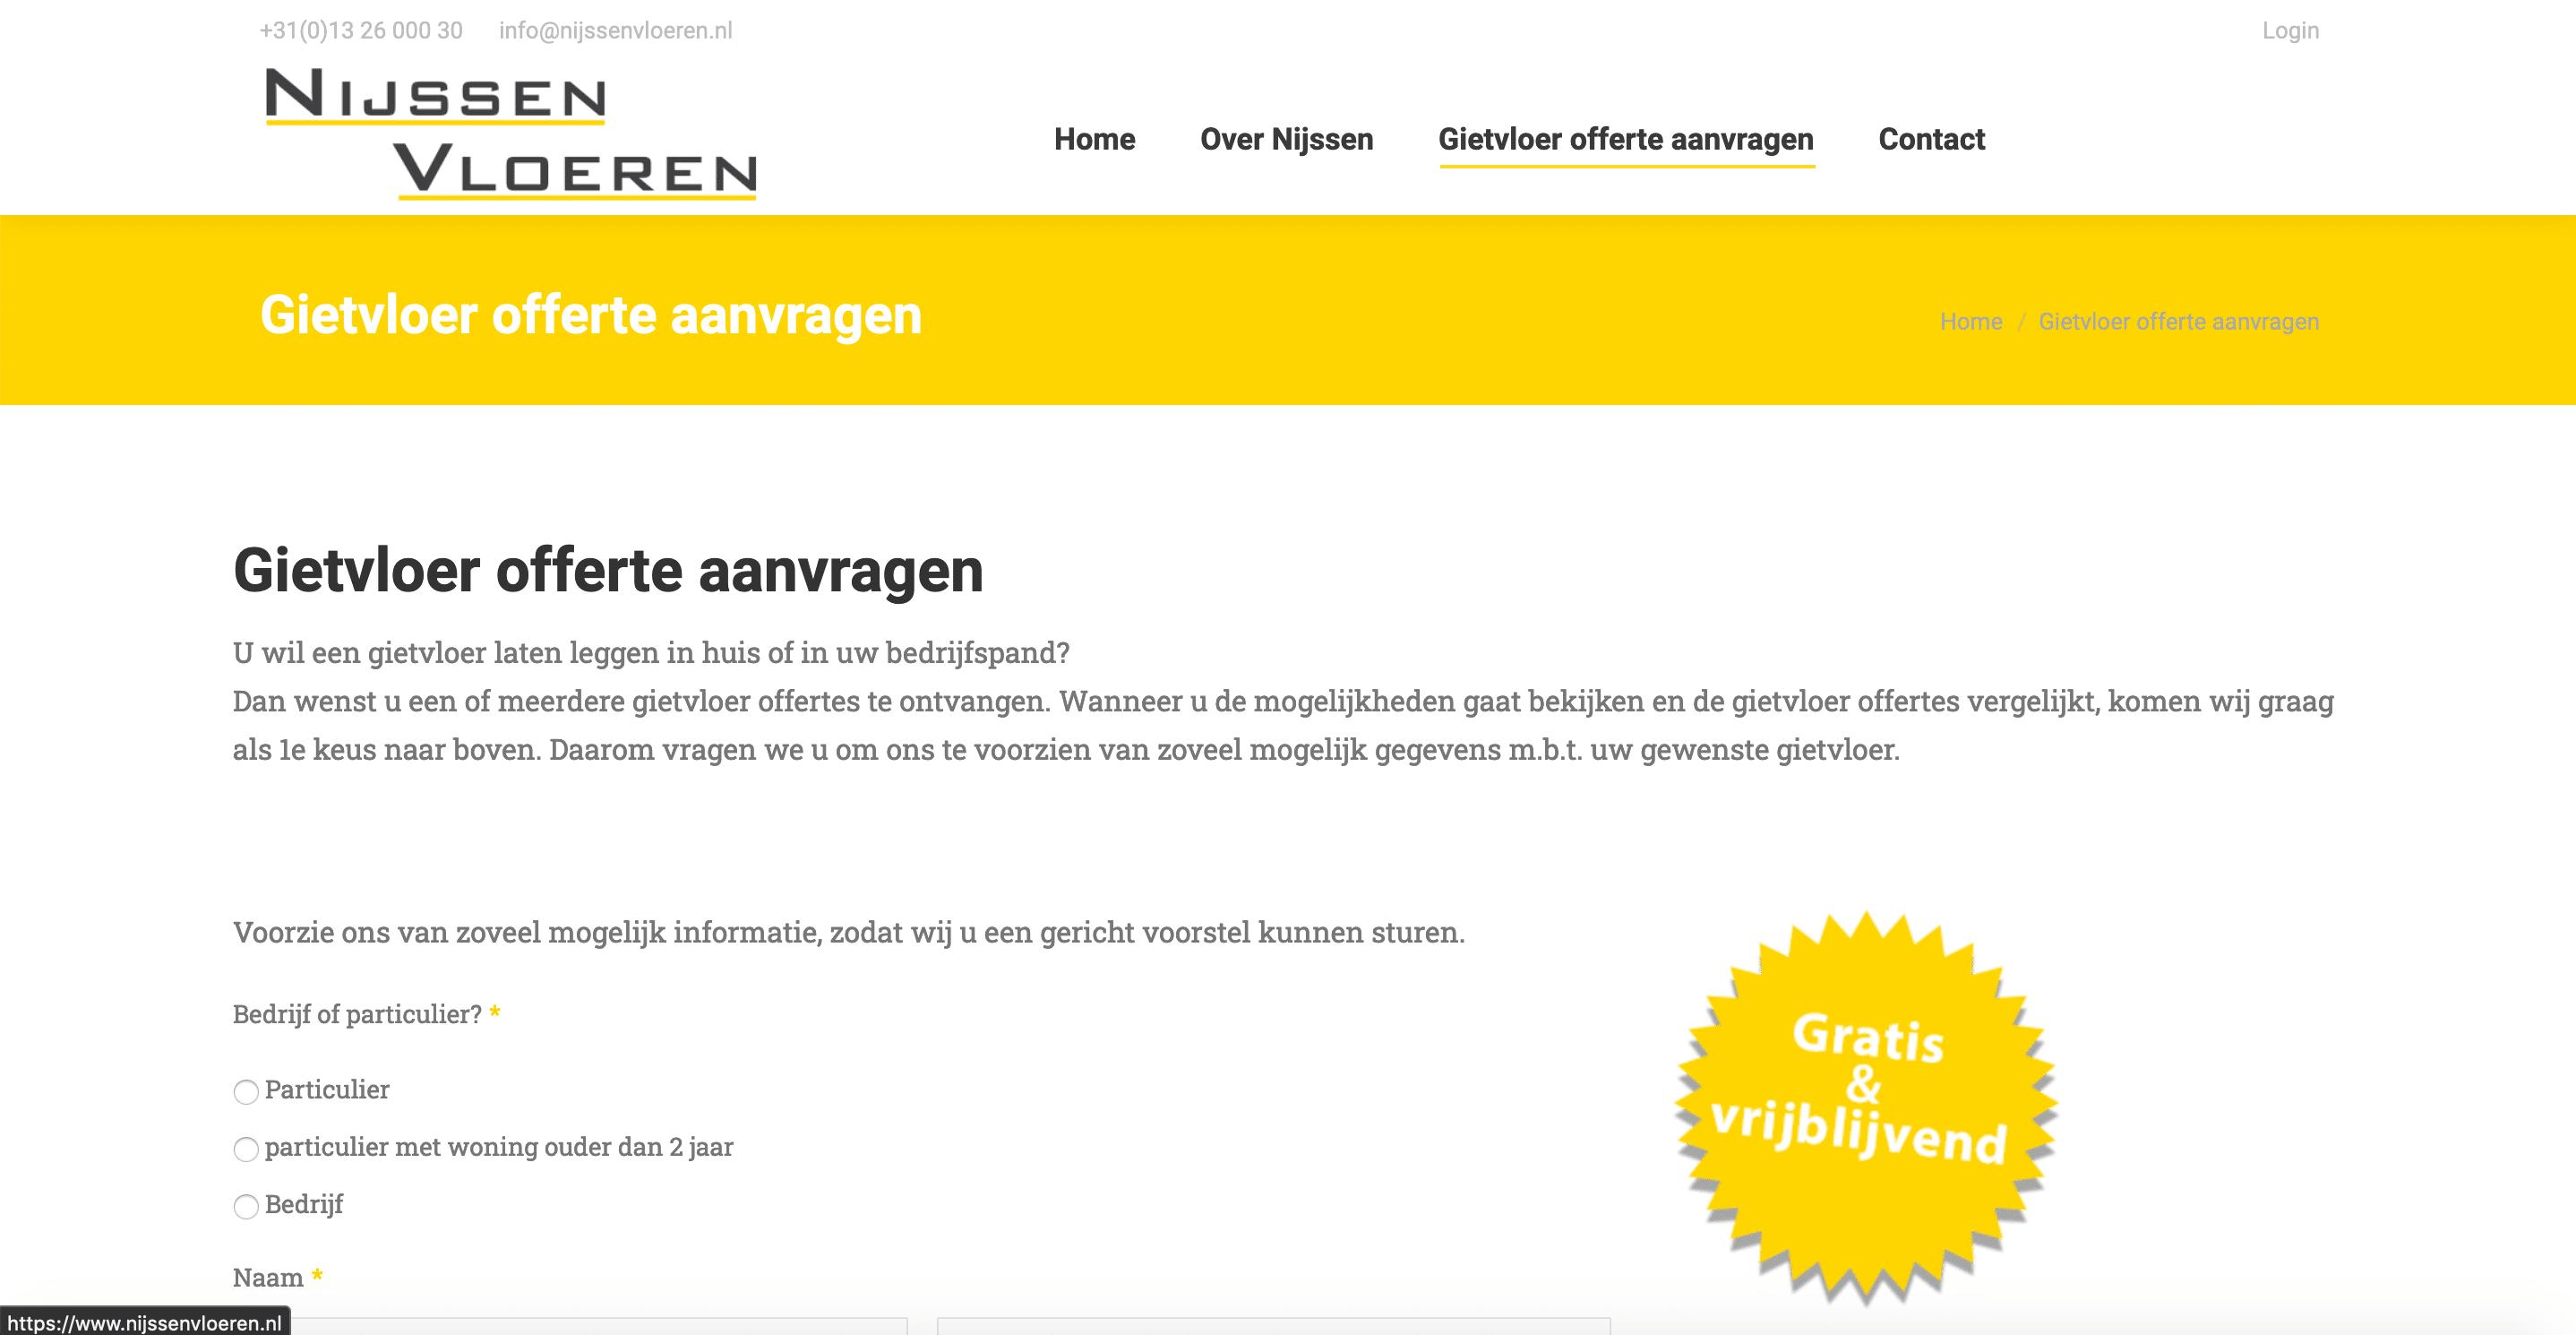 https://www.swopmedia.nl/project/nijssen-vloeren/